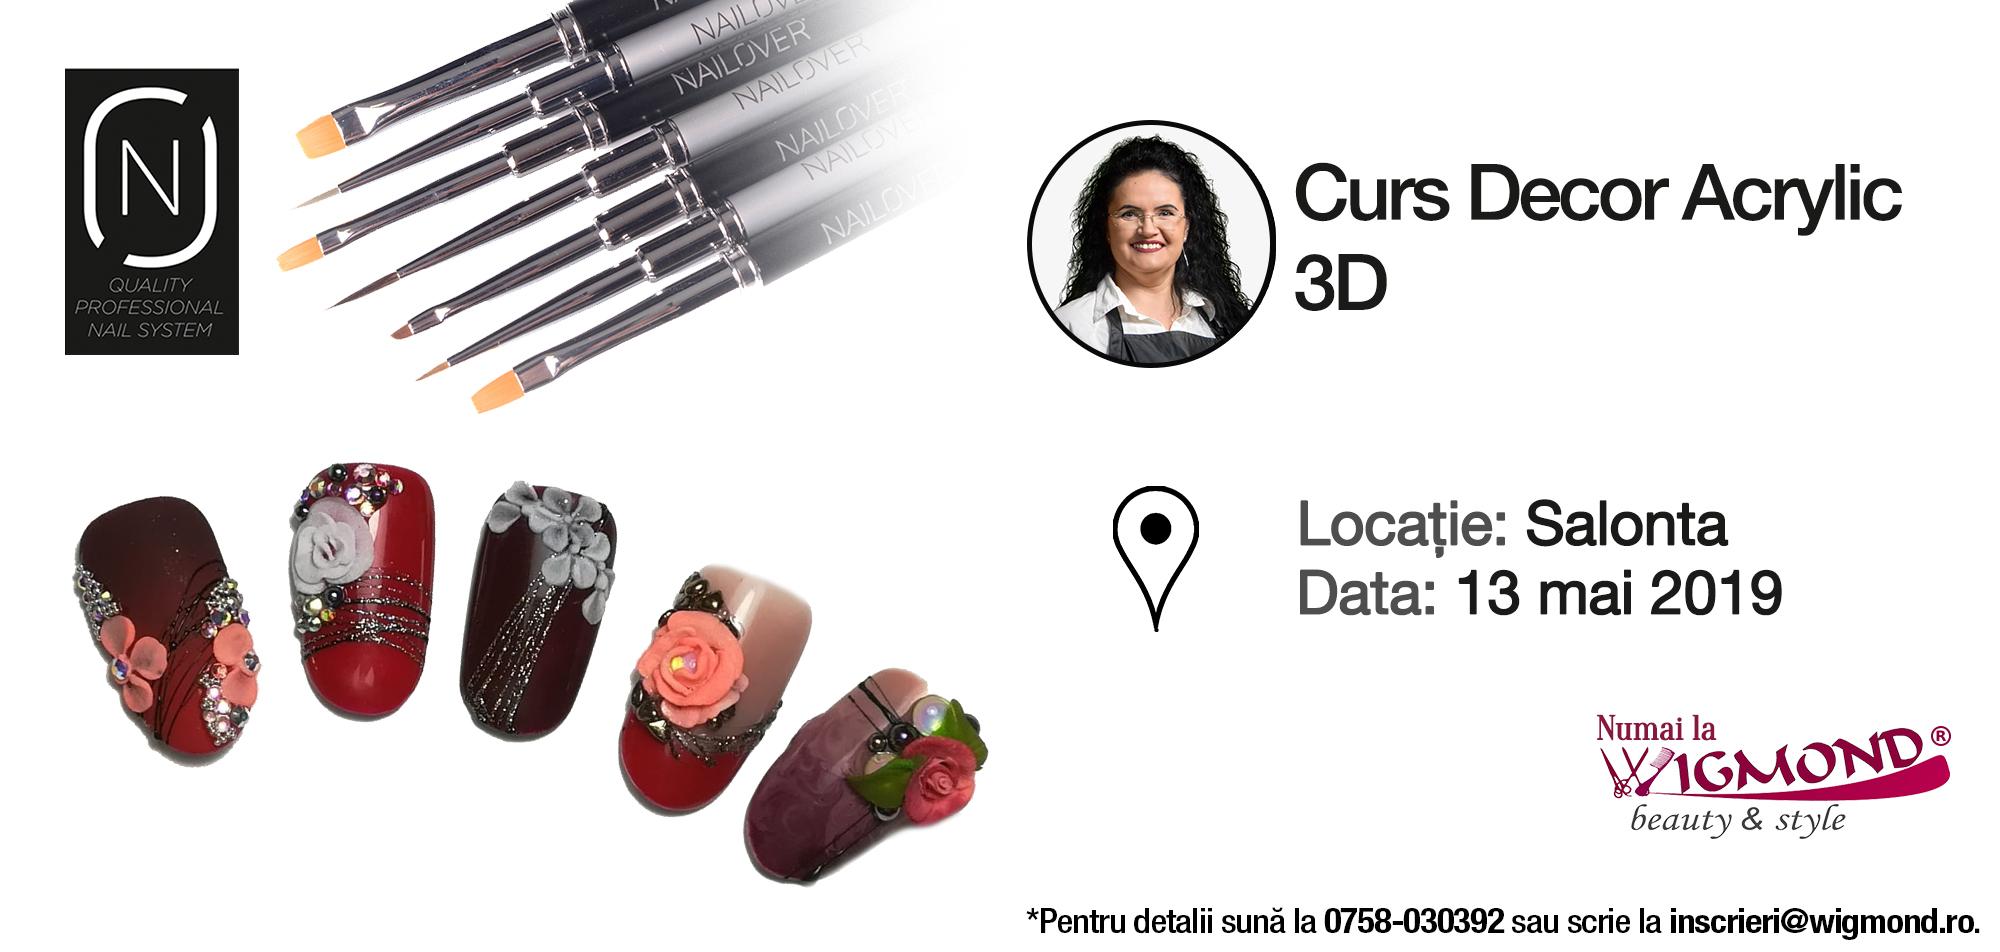 Cursul decor Acrylic 3D 13 mai 2019 - Salonta